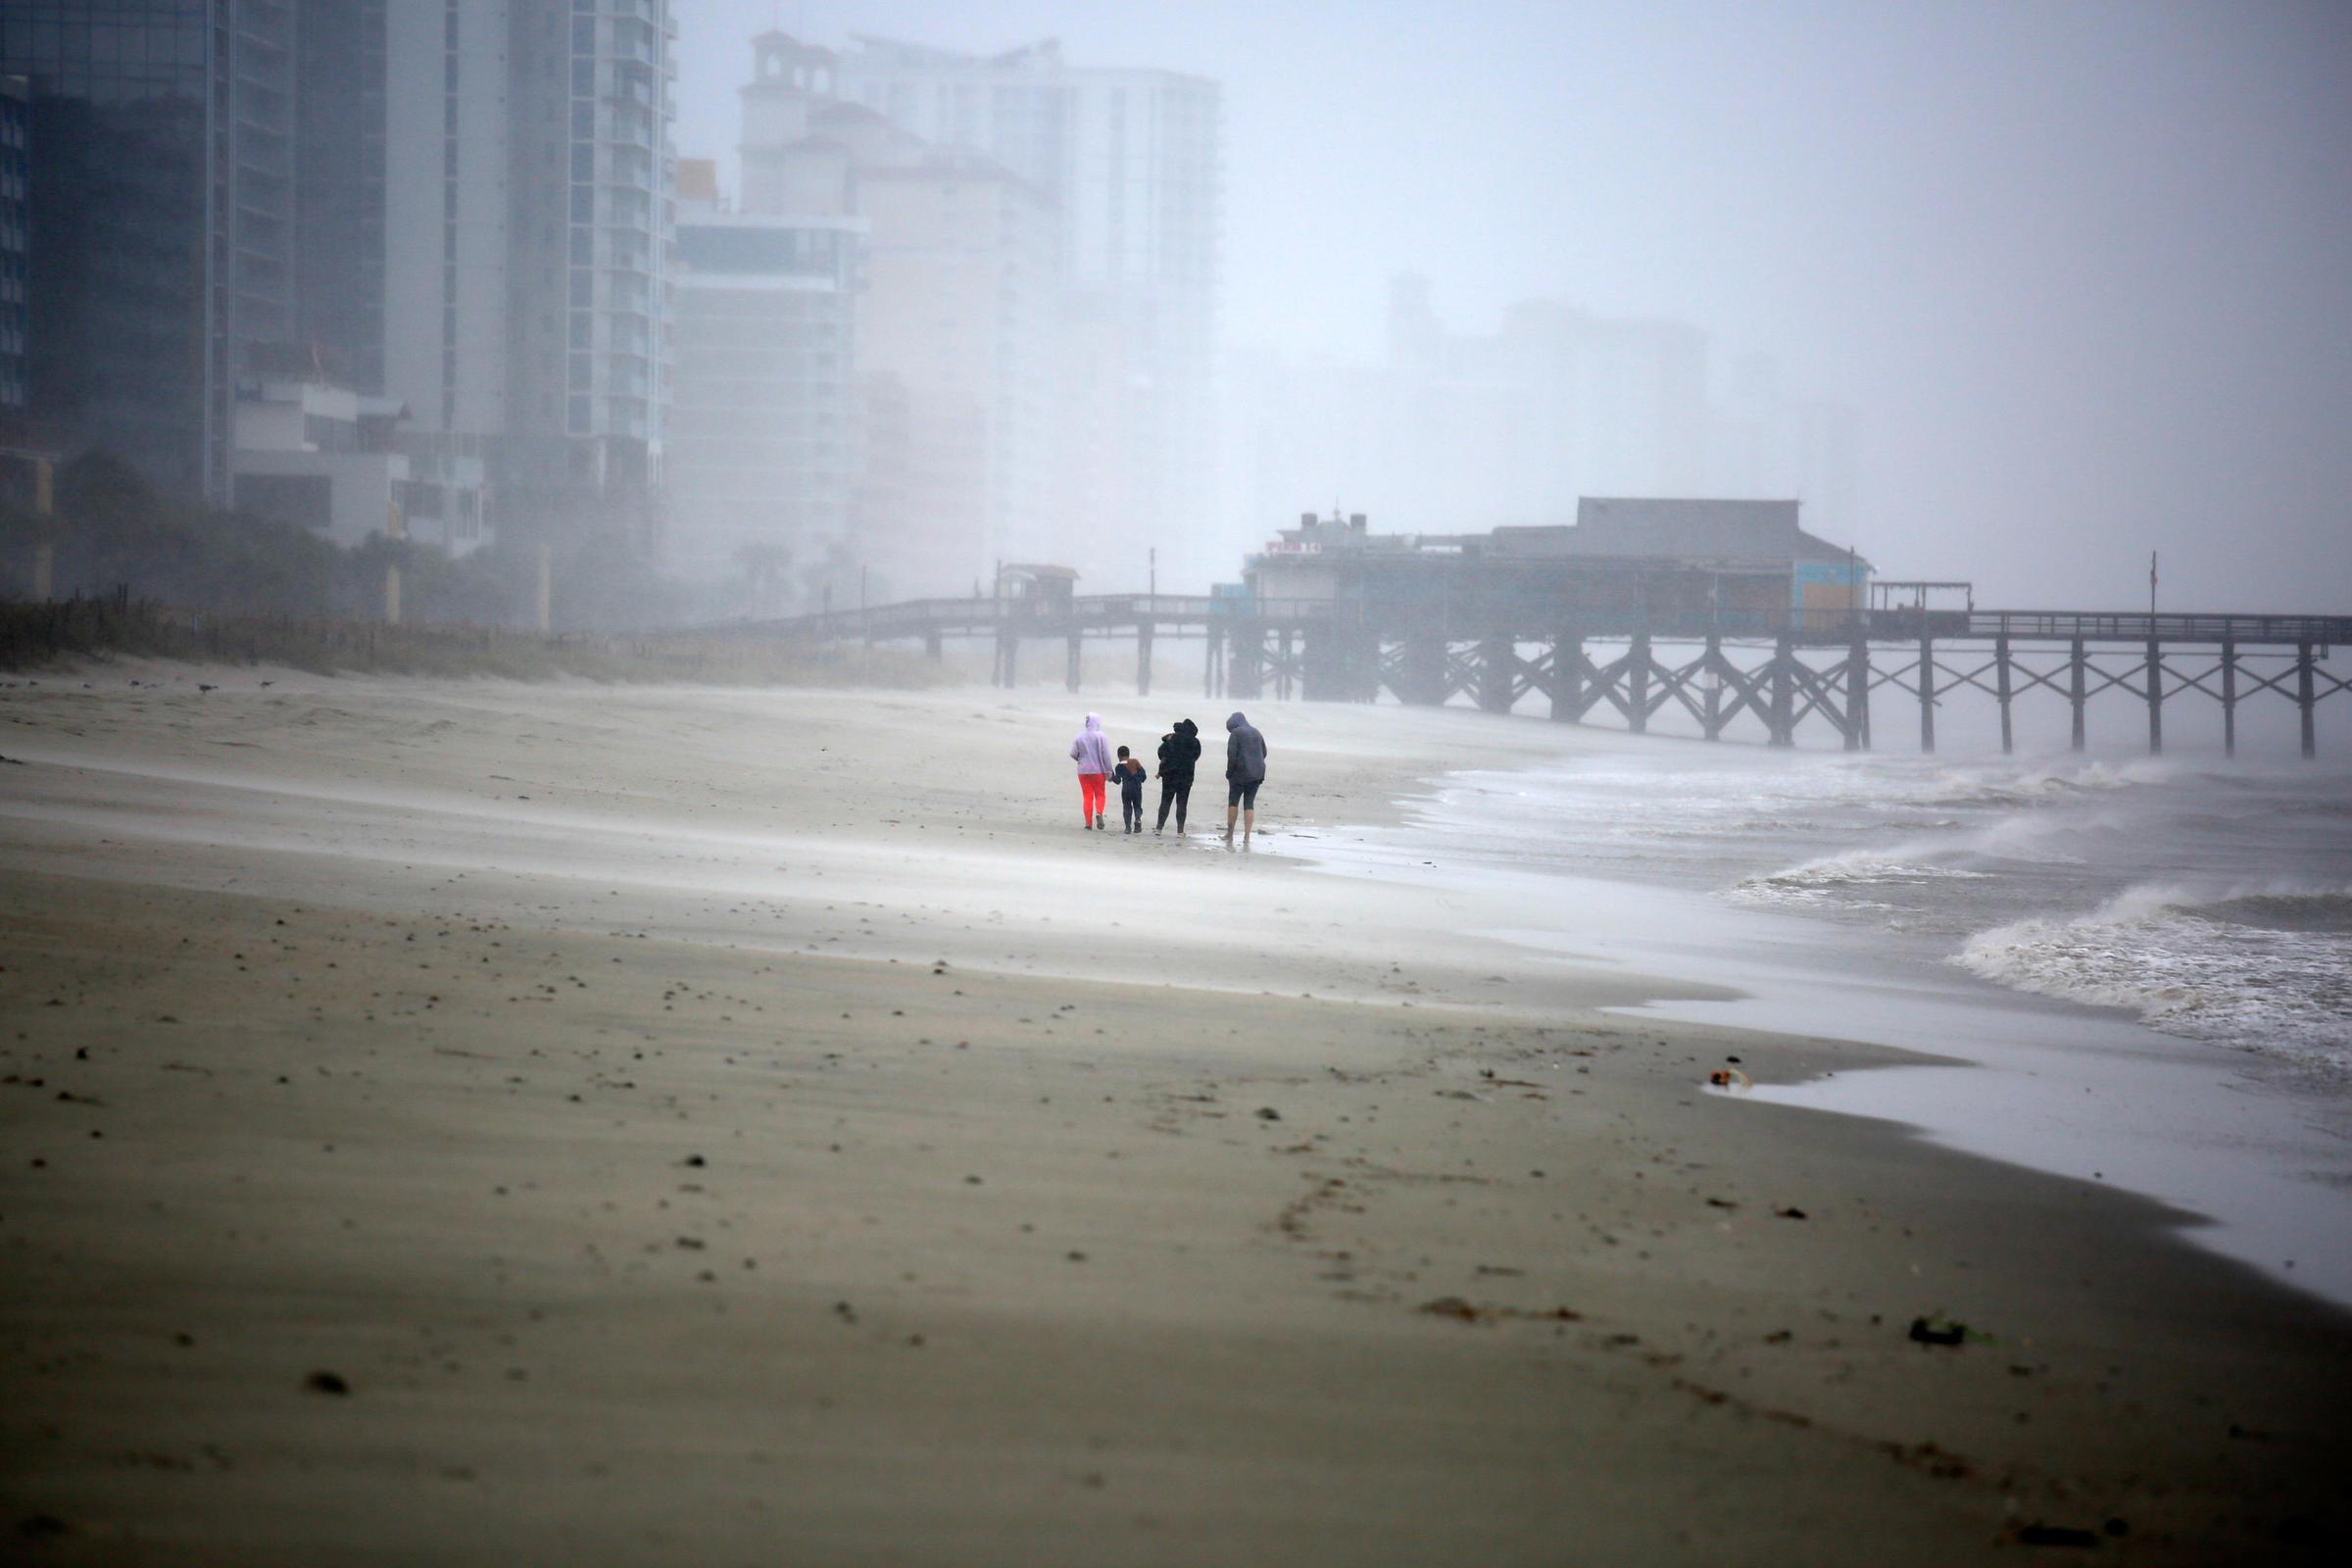 A walk on the beach essay